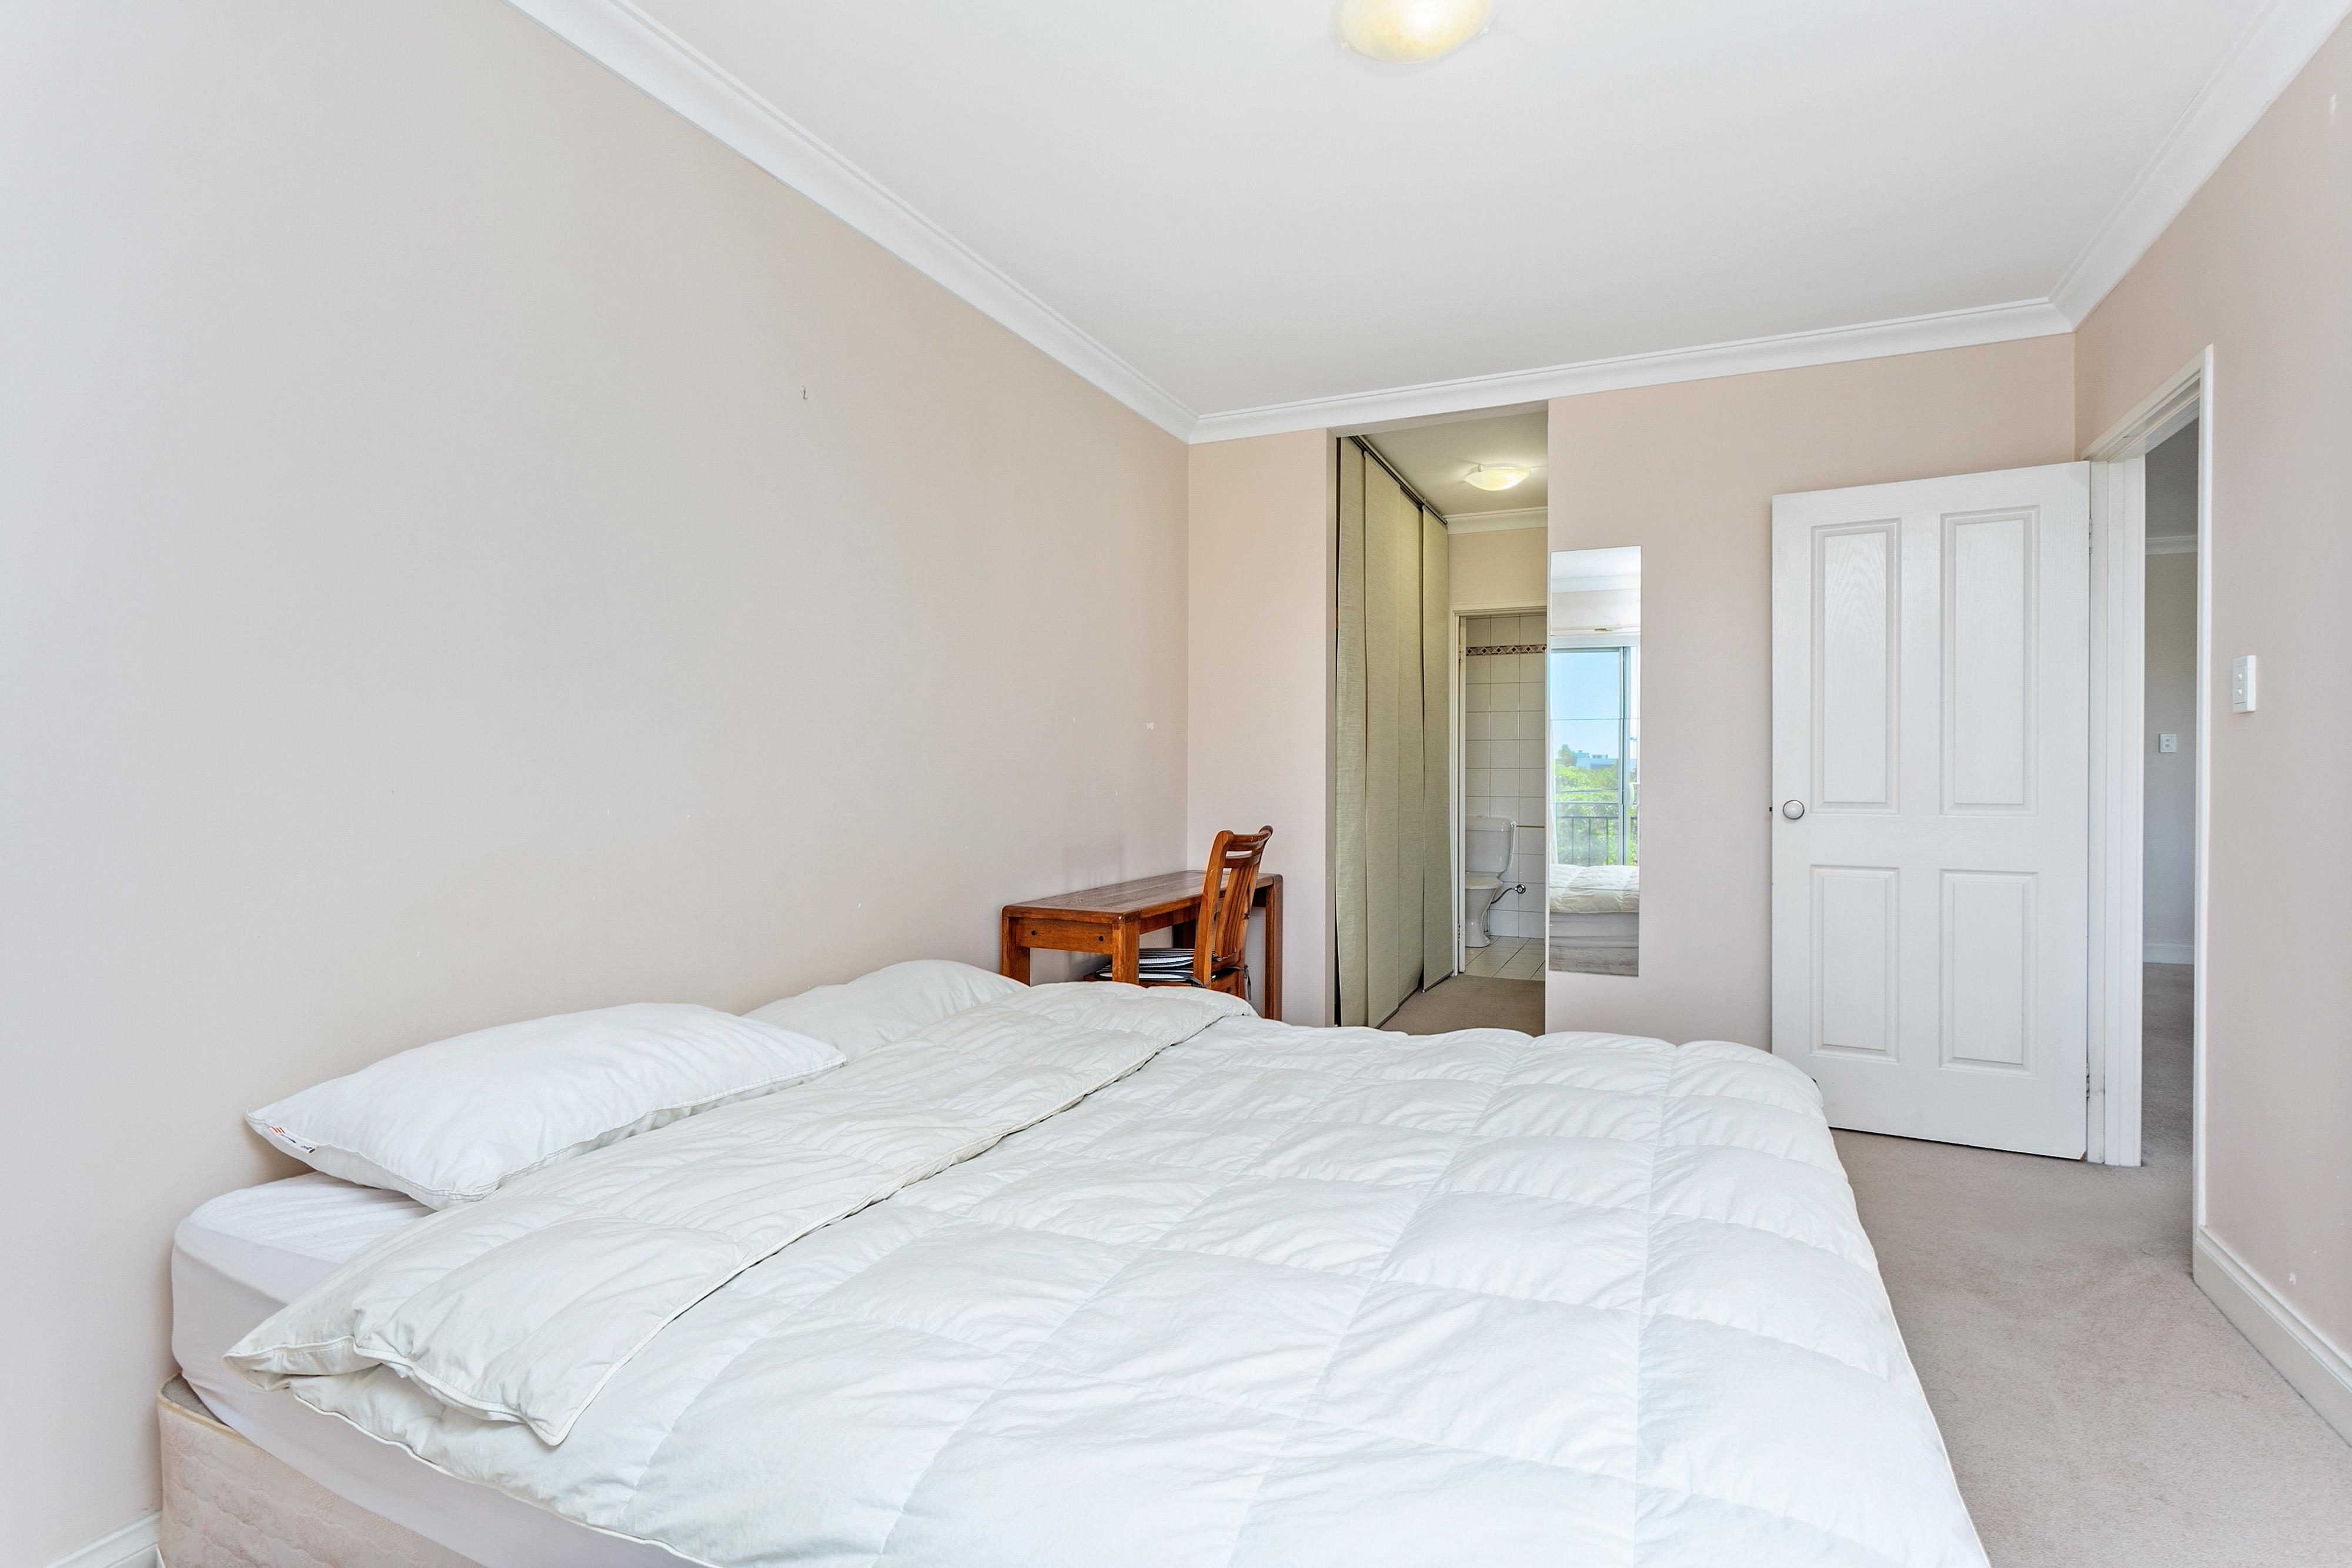 PRINT 9w 161 Colin Street, West Perth 23